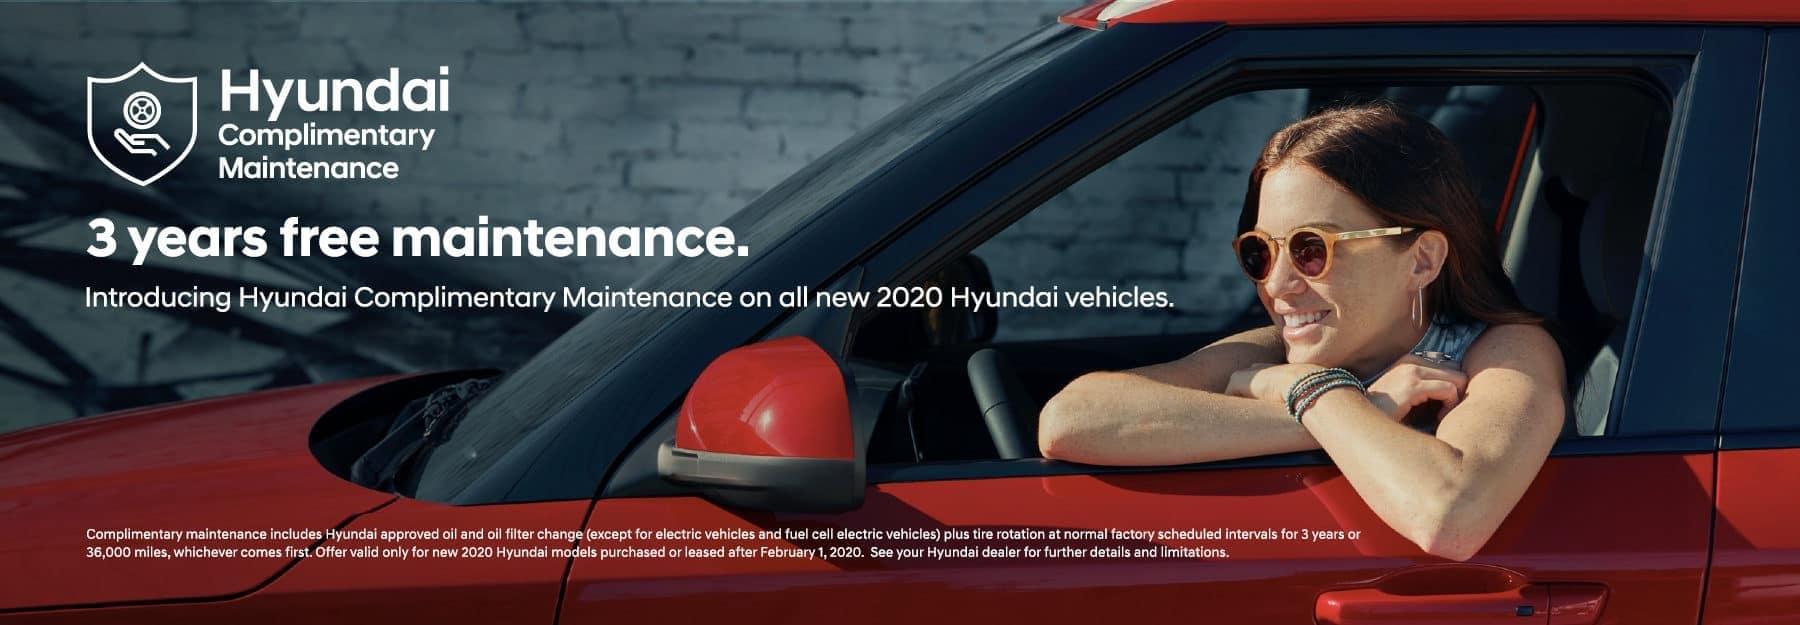 HyundaiCM_1800x625-1800×625